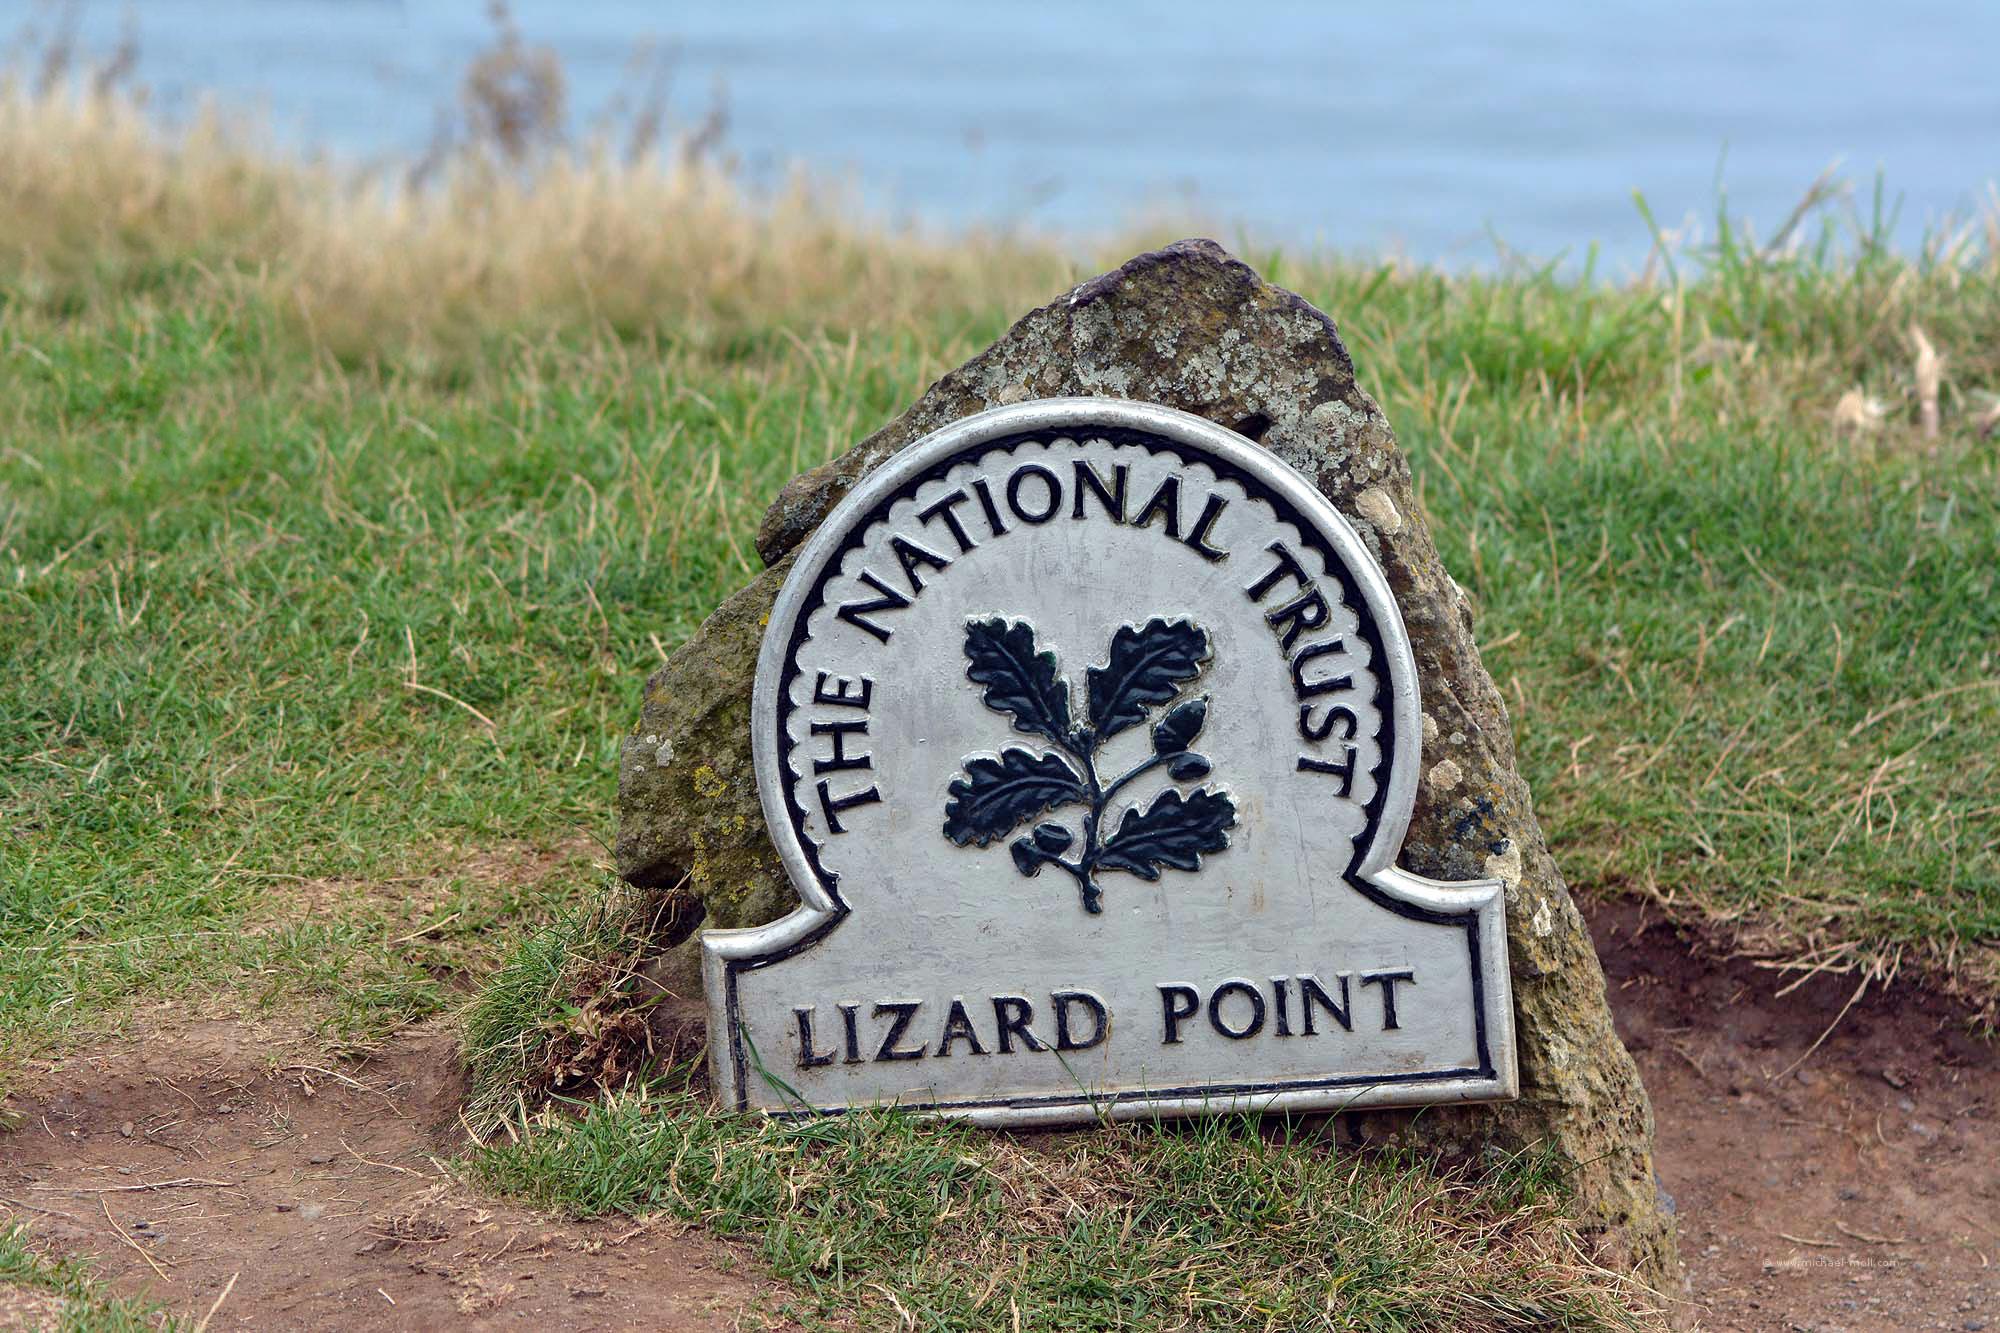 National Trust am Lizard Point